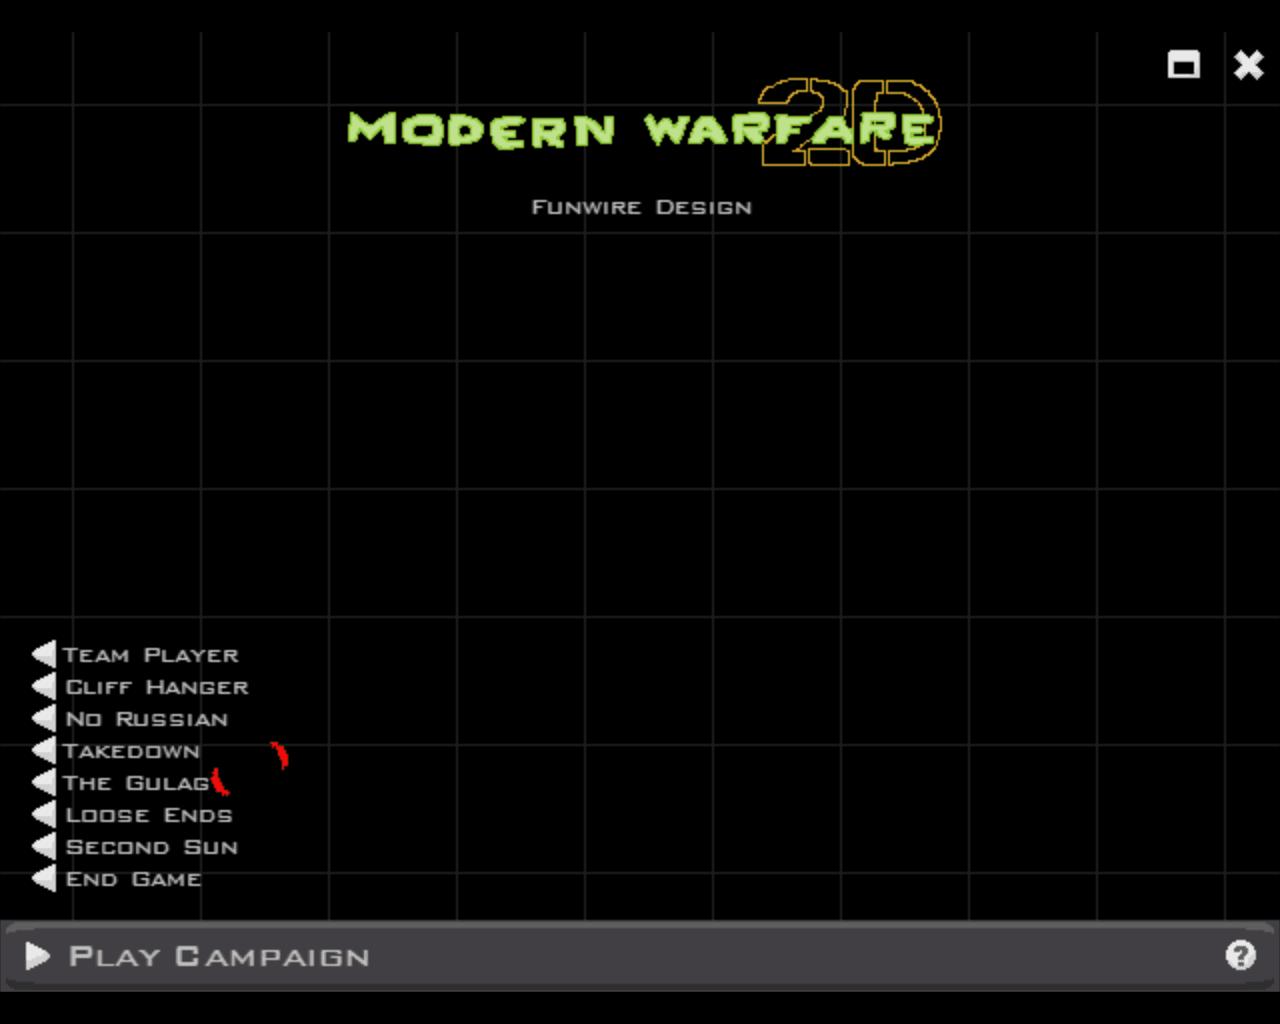 Modern Warfare 2D